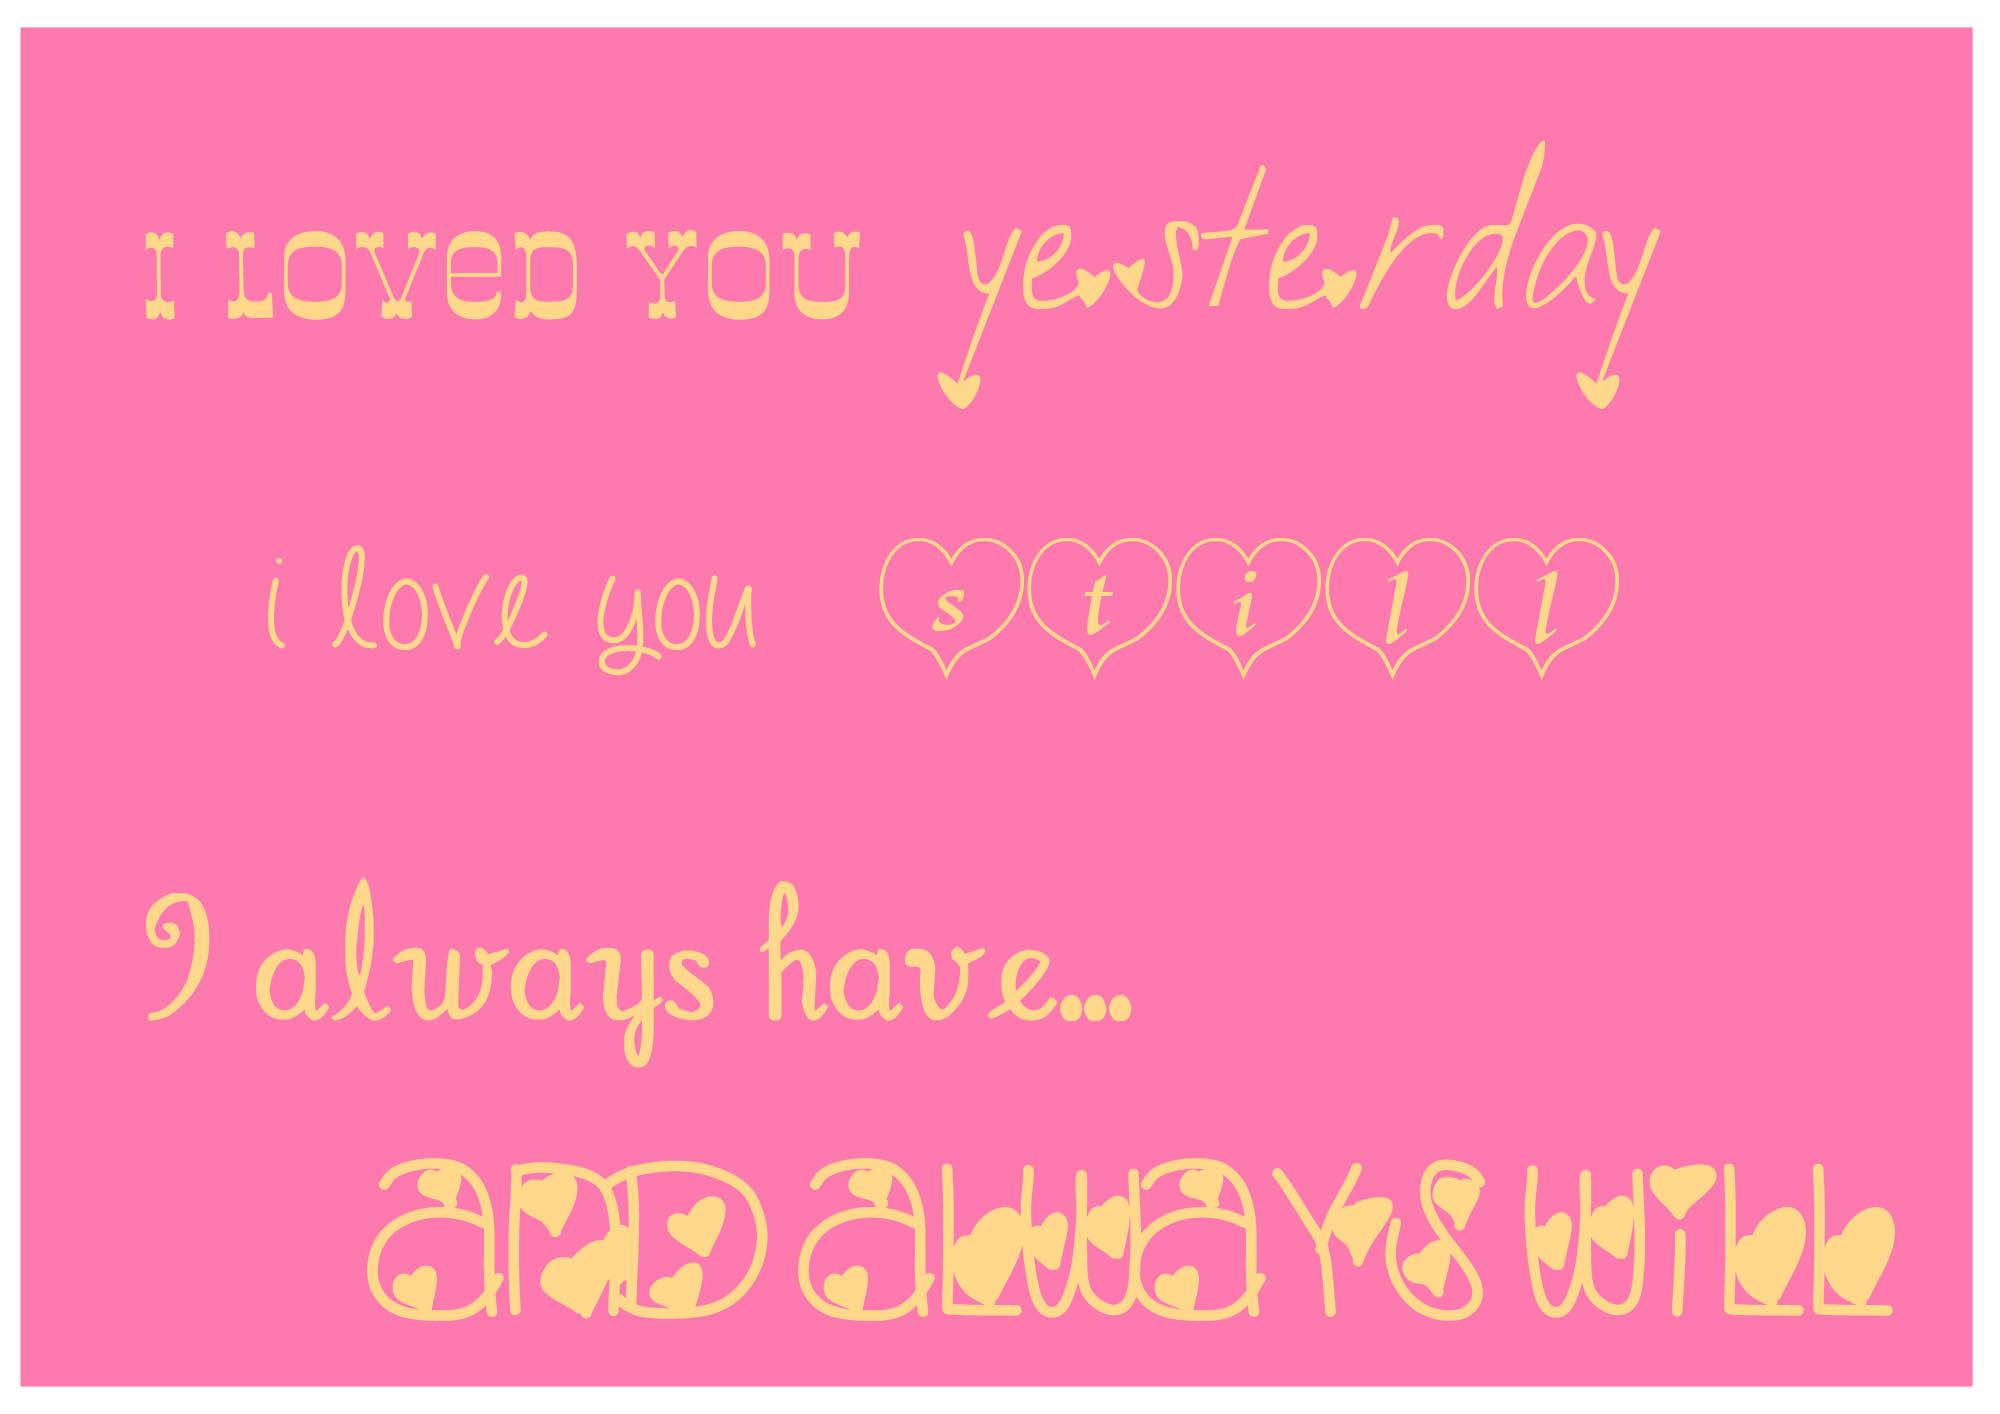 2012-02-14 valentines